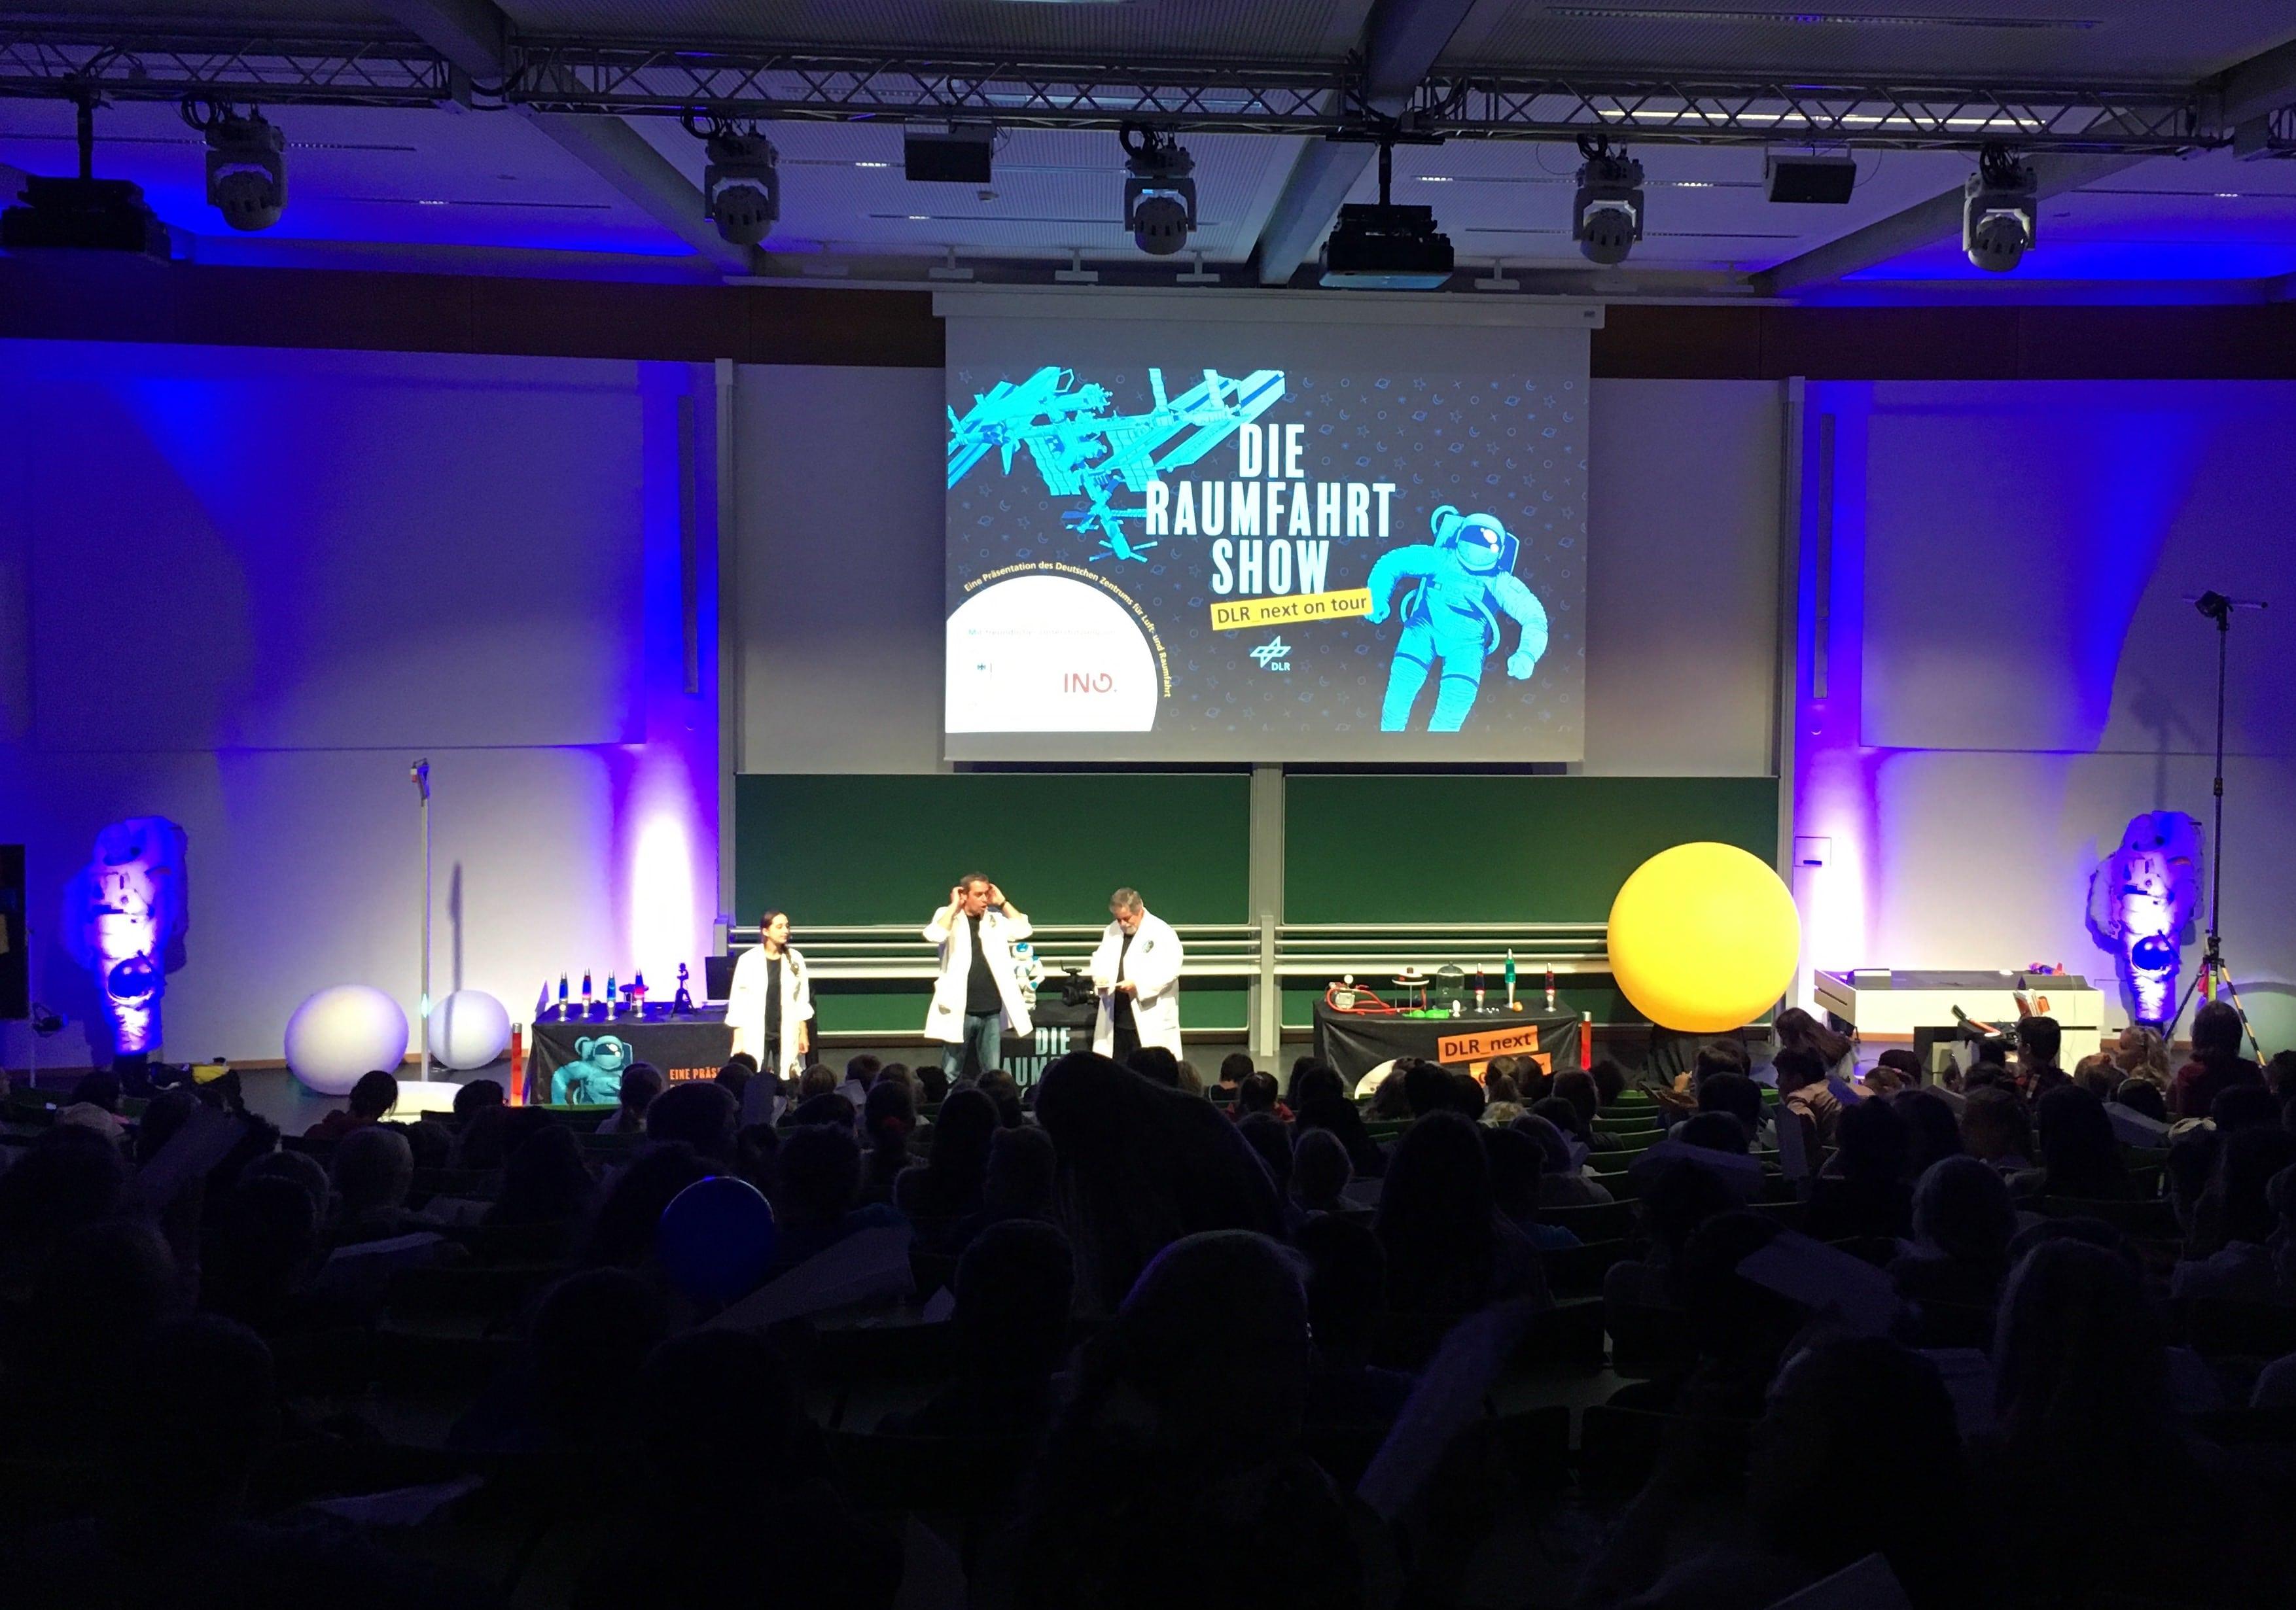 Besuch der Raumfahrt-Show der Deutschen Luft- und Raumfahrt